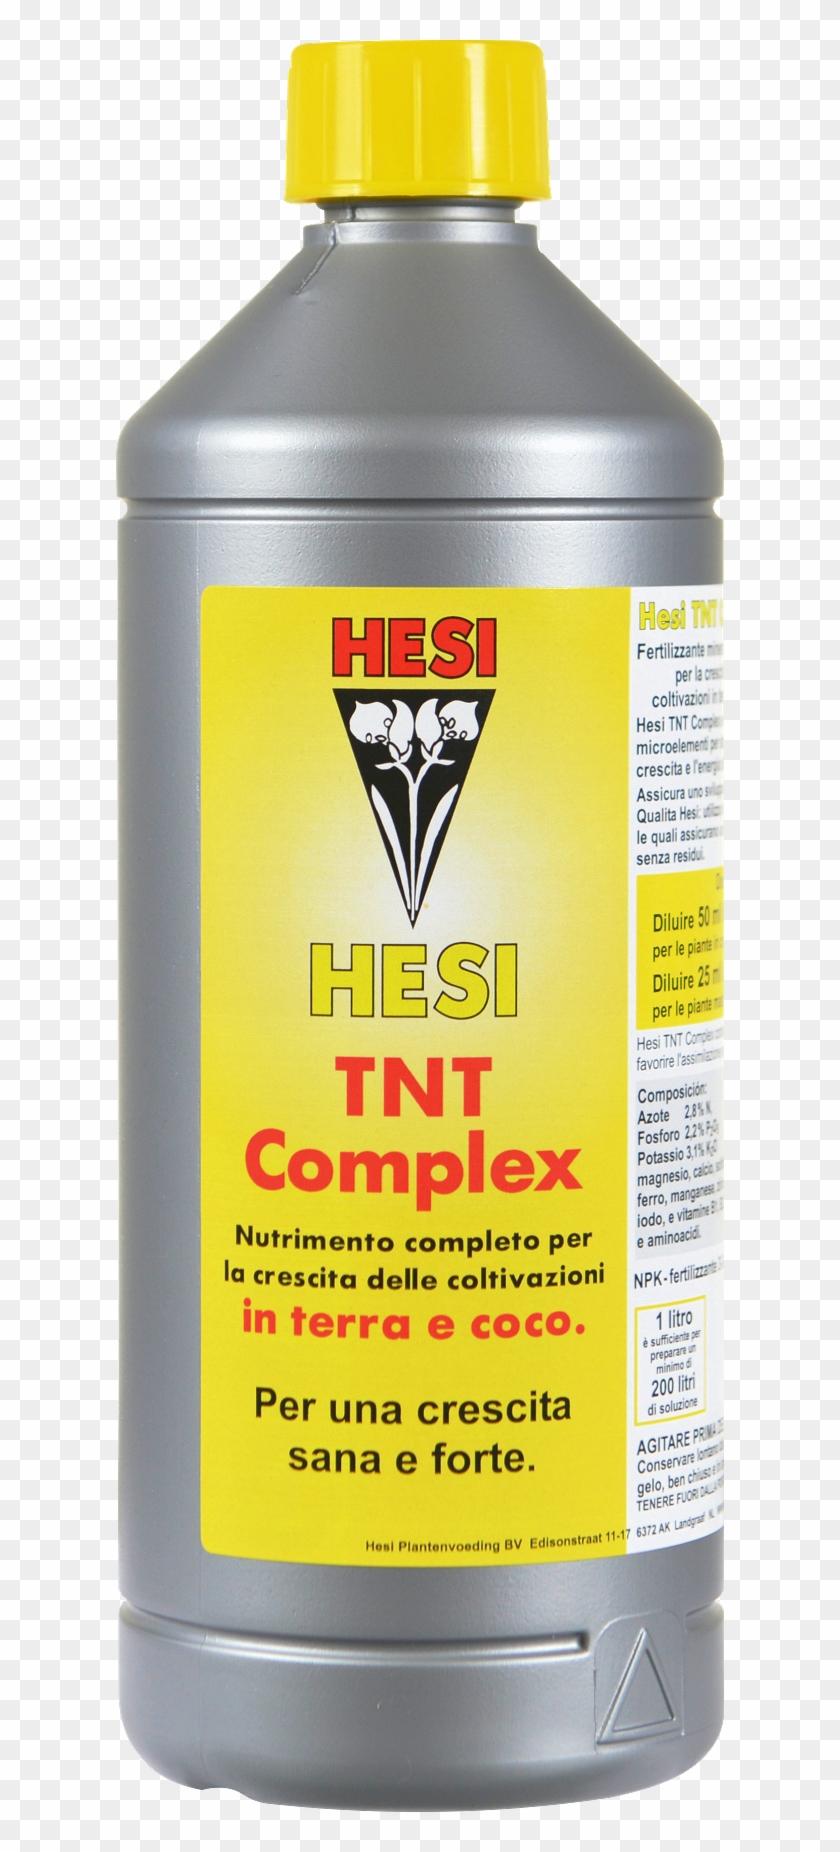 Prev - Hesi - Tnt Complex 1l #595127